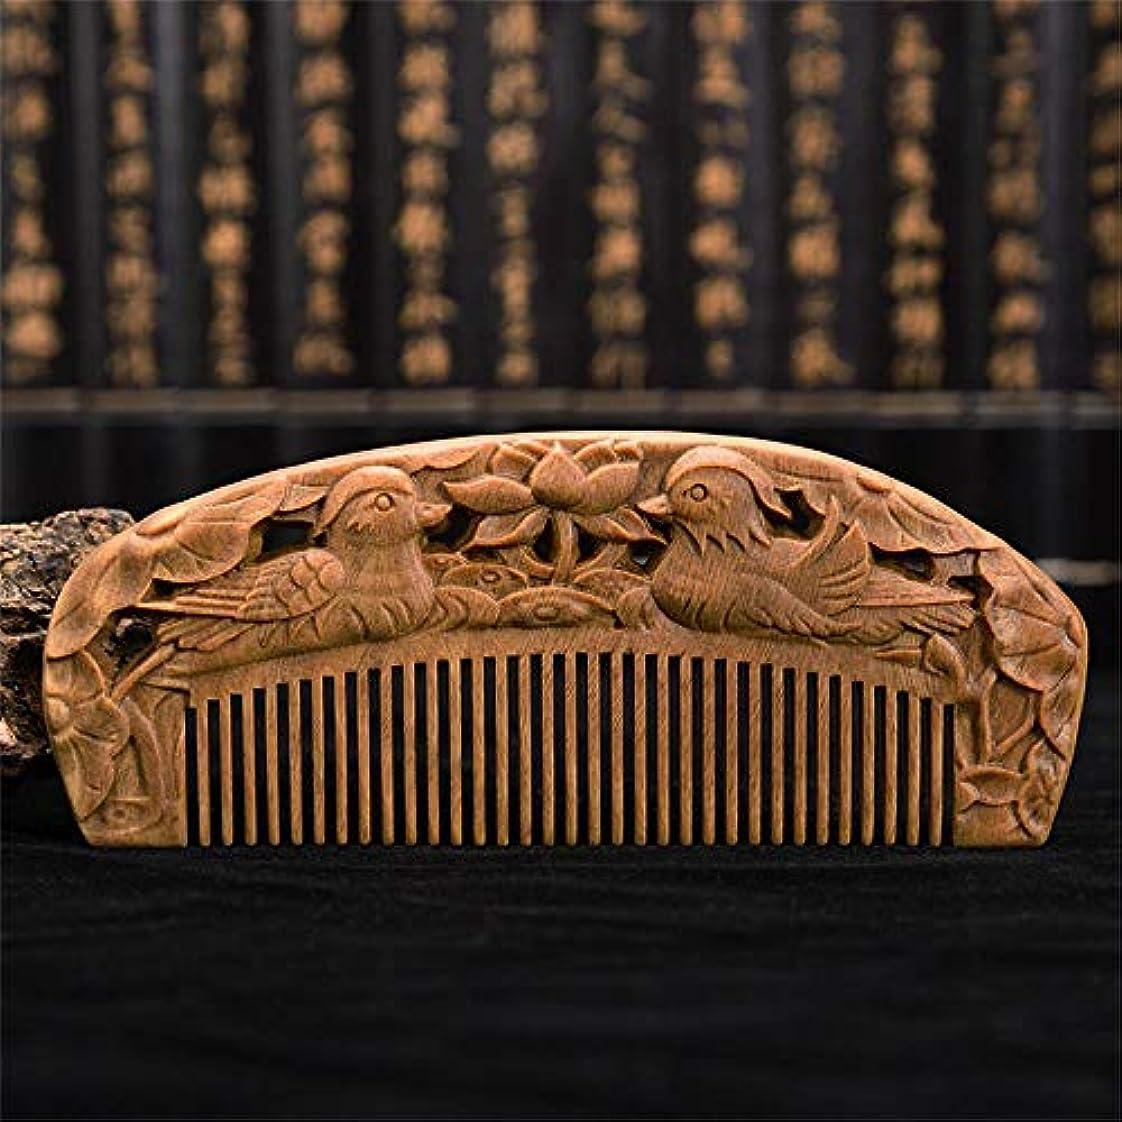 文明世界に死んだ修復くしヘアケア帯電防止木製ヘアマッサージナチュラルウッド ヘアケア (PATTERN : Mandarin duck)